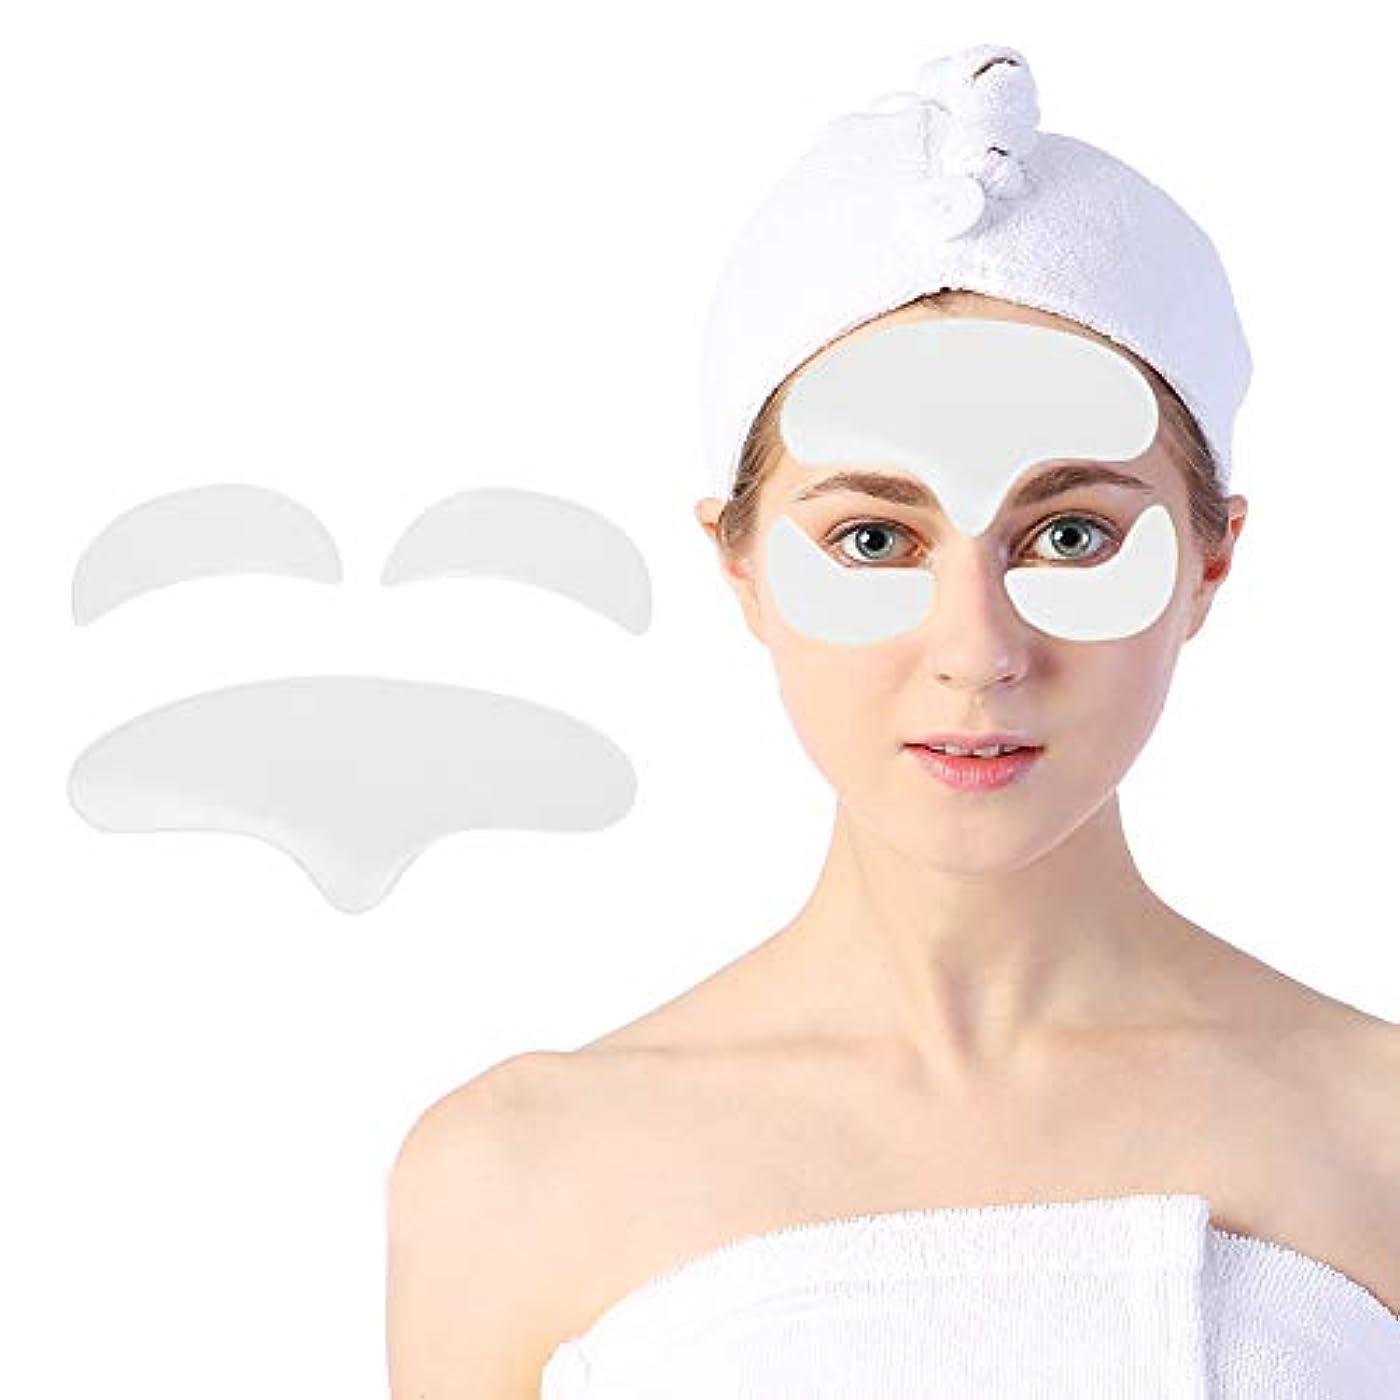 年齢ラボ拘束する顔用アンチリンクルパッド、顔面および目の皮膚を持ち上げて引き締めるための再利用可能なシリコーン肌のリラクゼーションパッチ